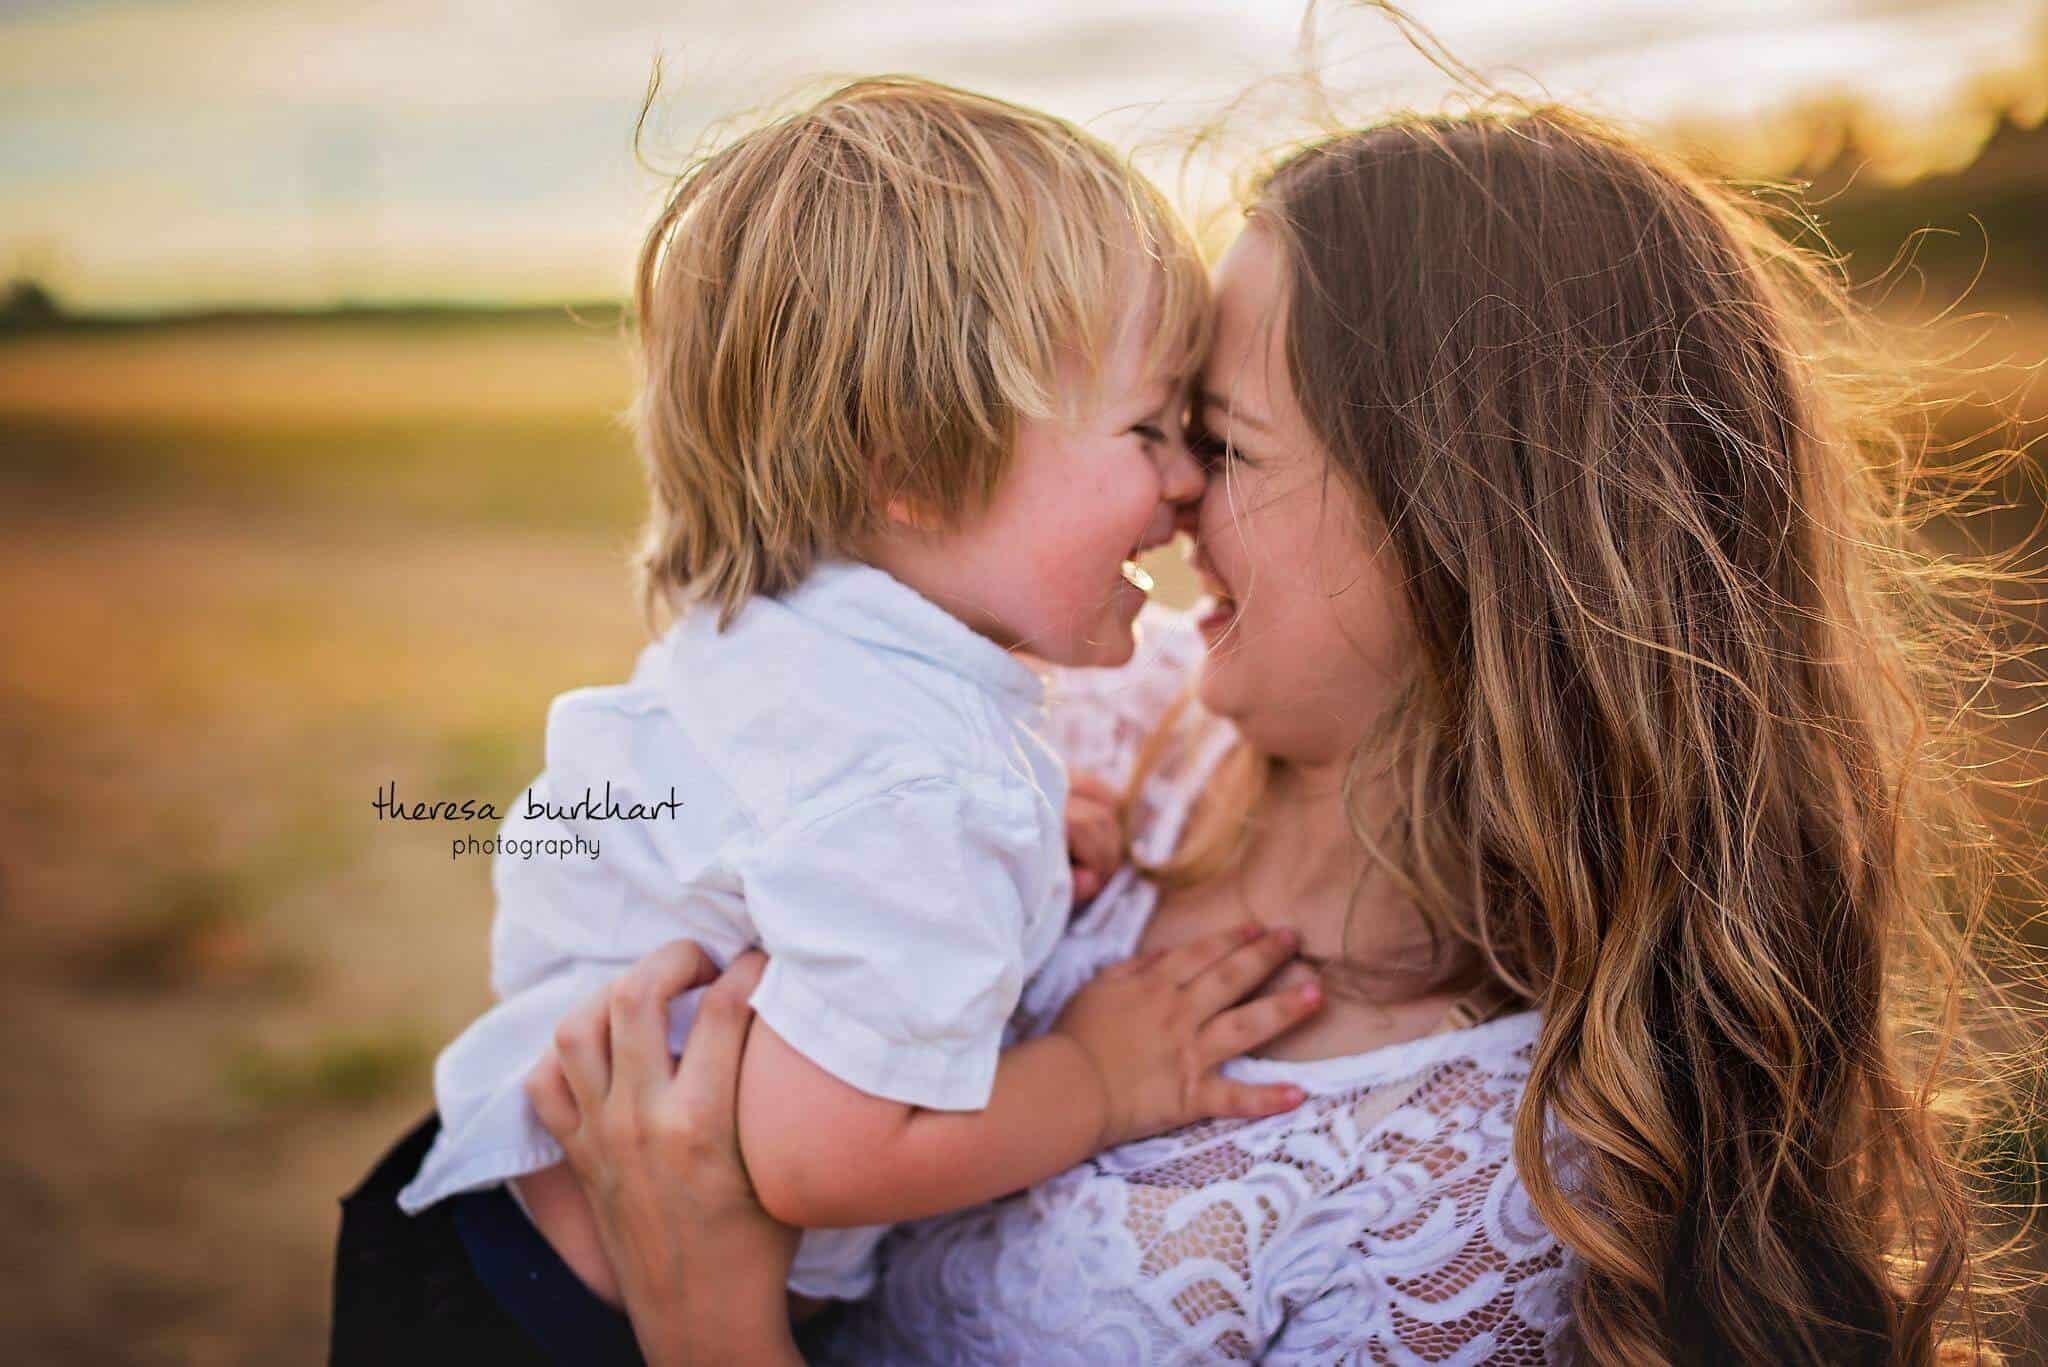 Family photo shoot from Theresa Burkhart Photography